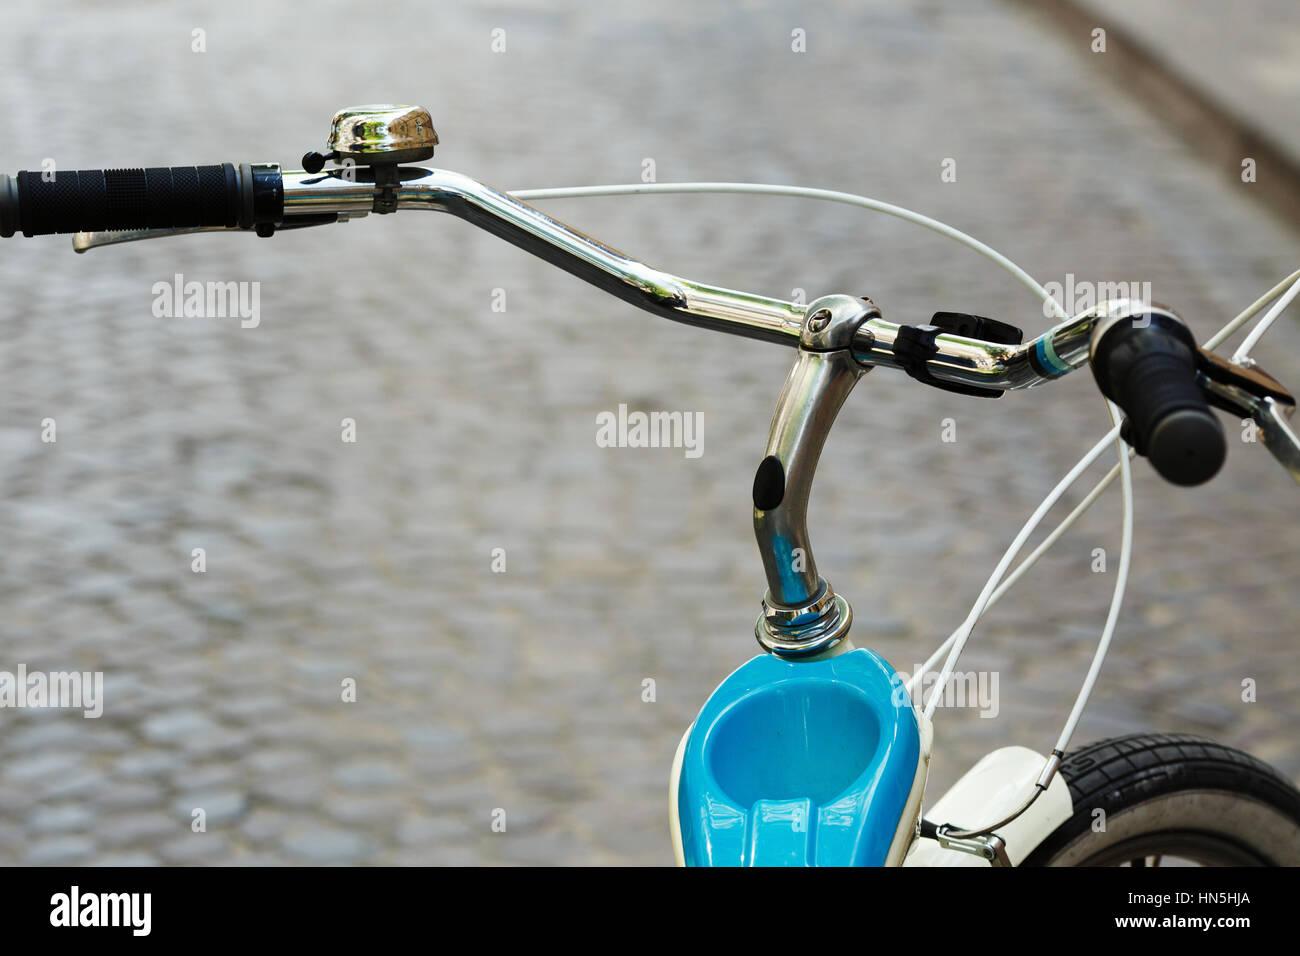 Timone di bicicletta che si trova sulla strada della città vecchia Immagini Stock